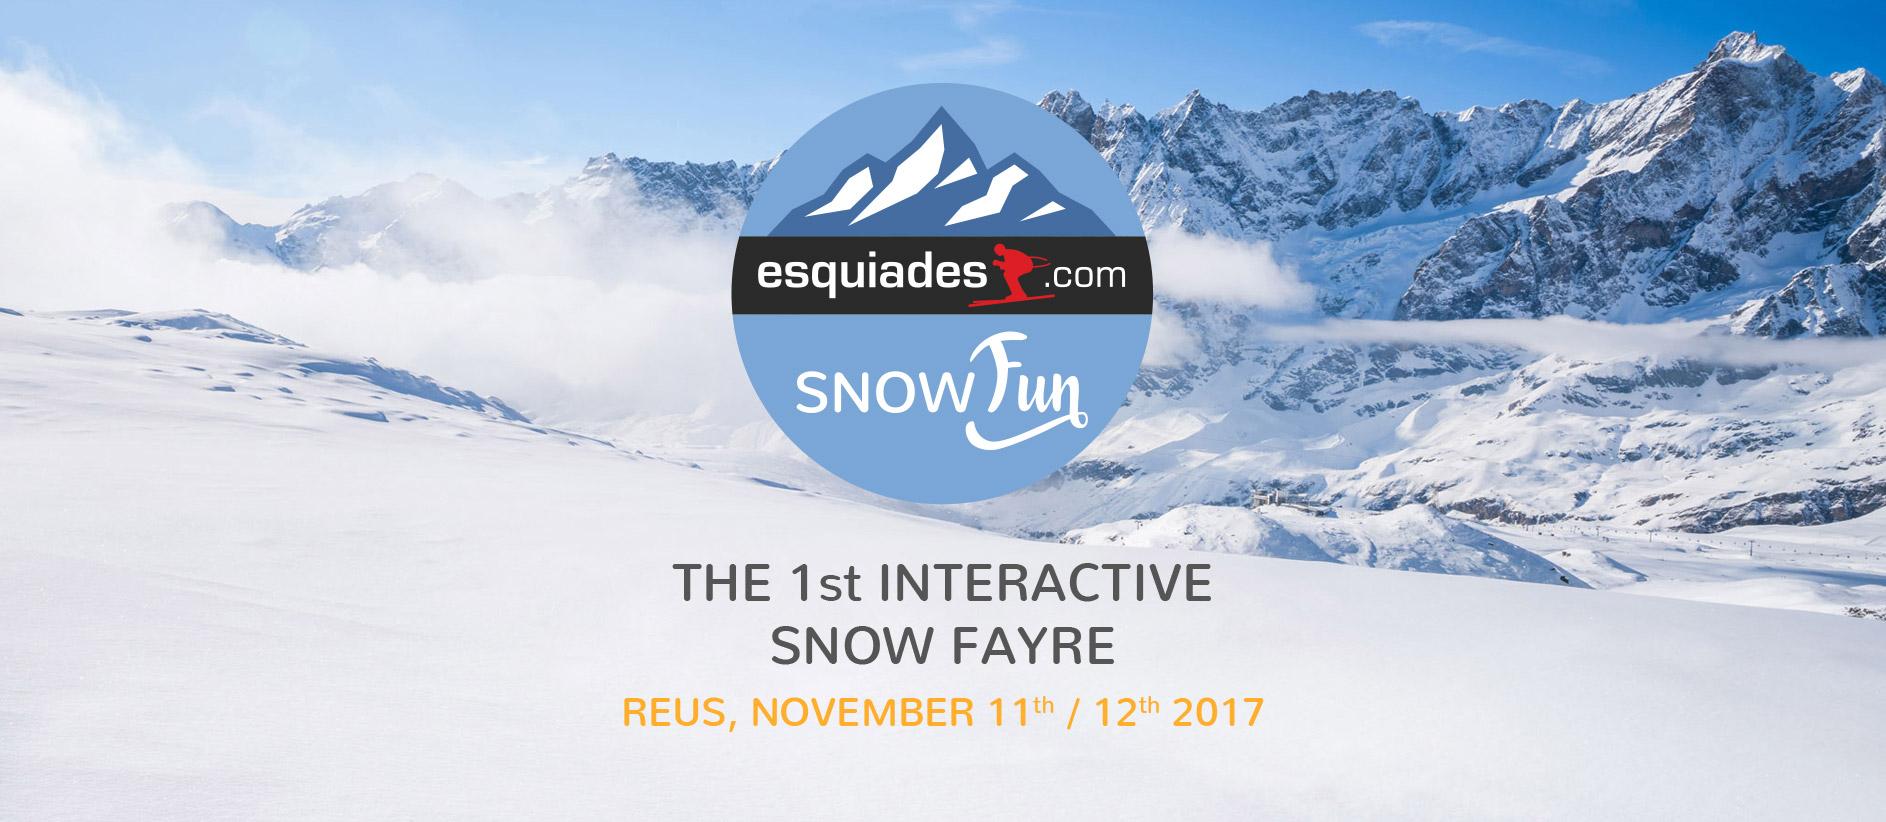 esquiades-snowfun-PORTADA-NOTICIA-eng